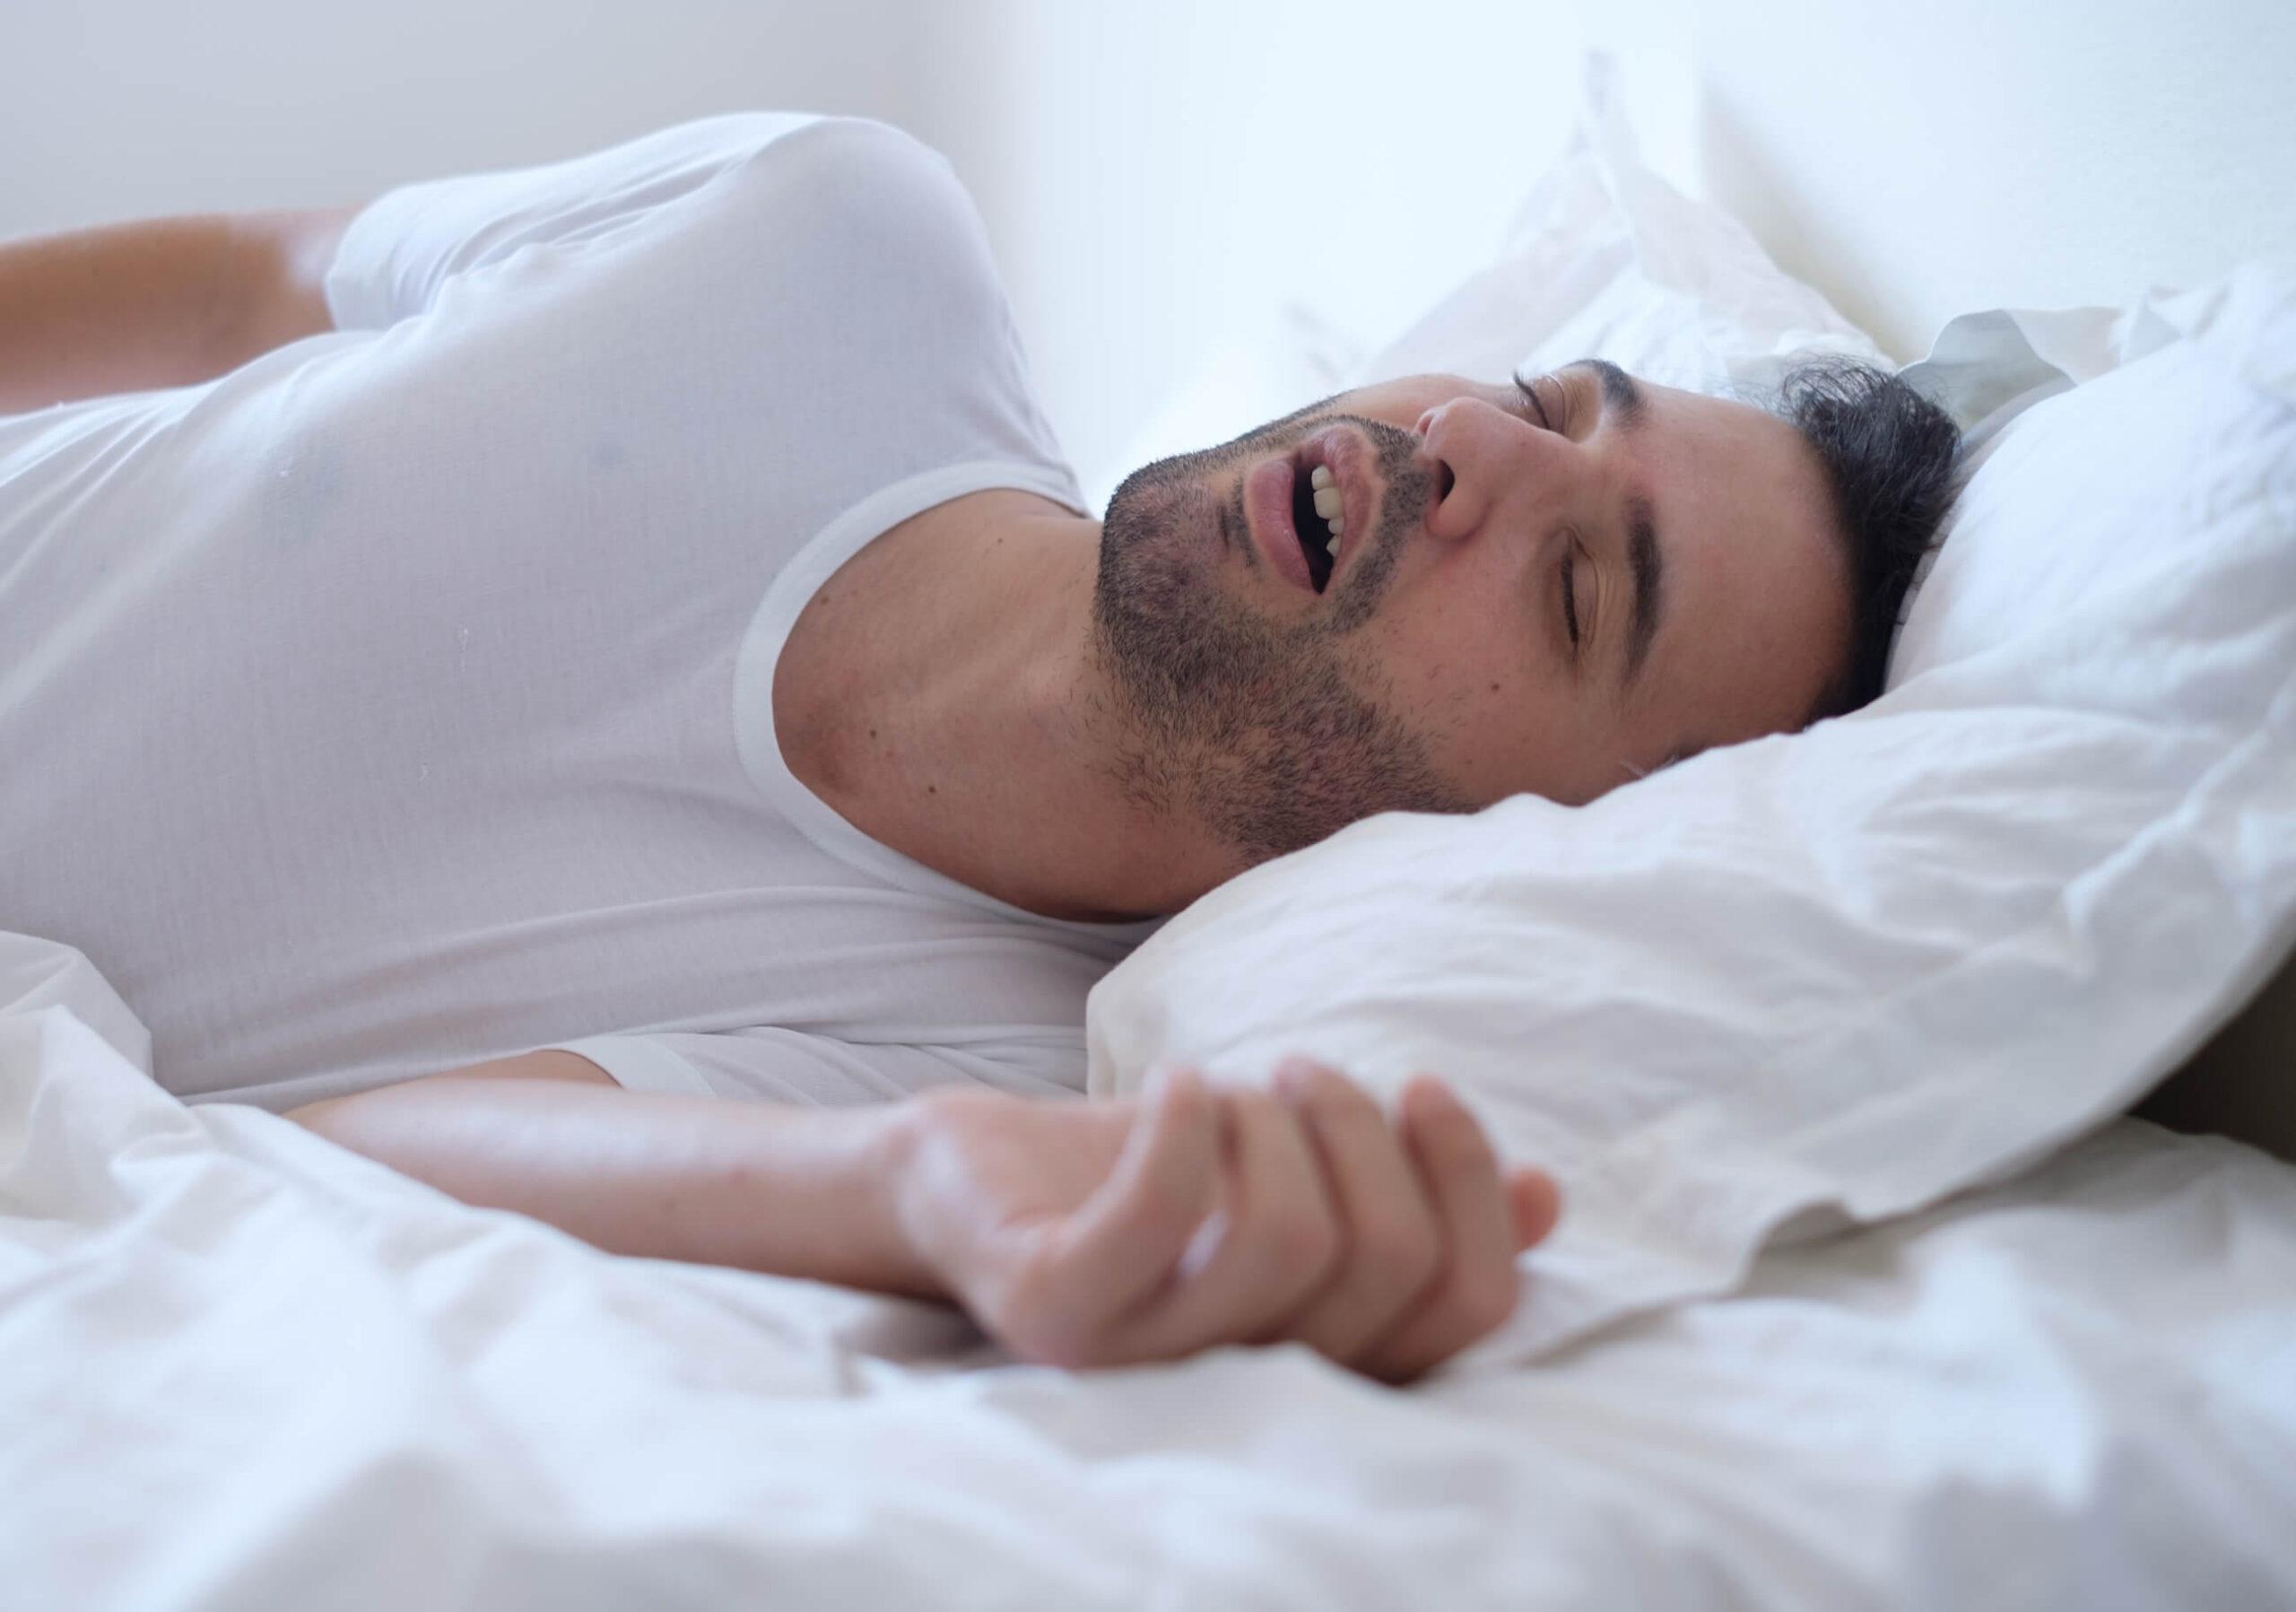 homem na cama com apneia do sono